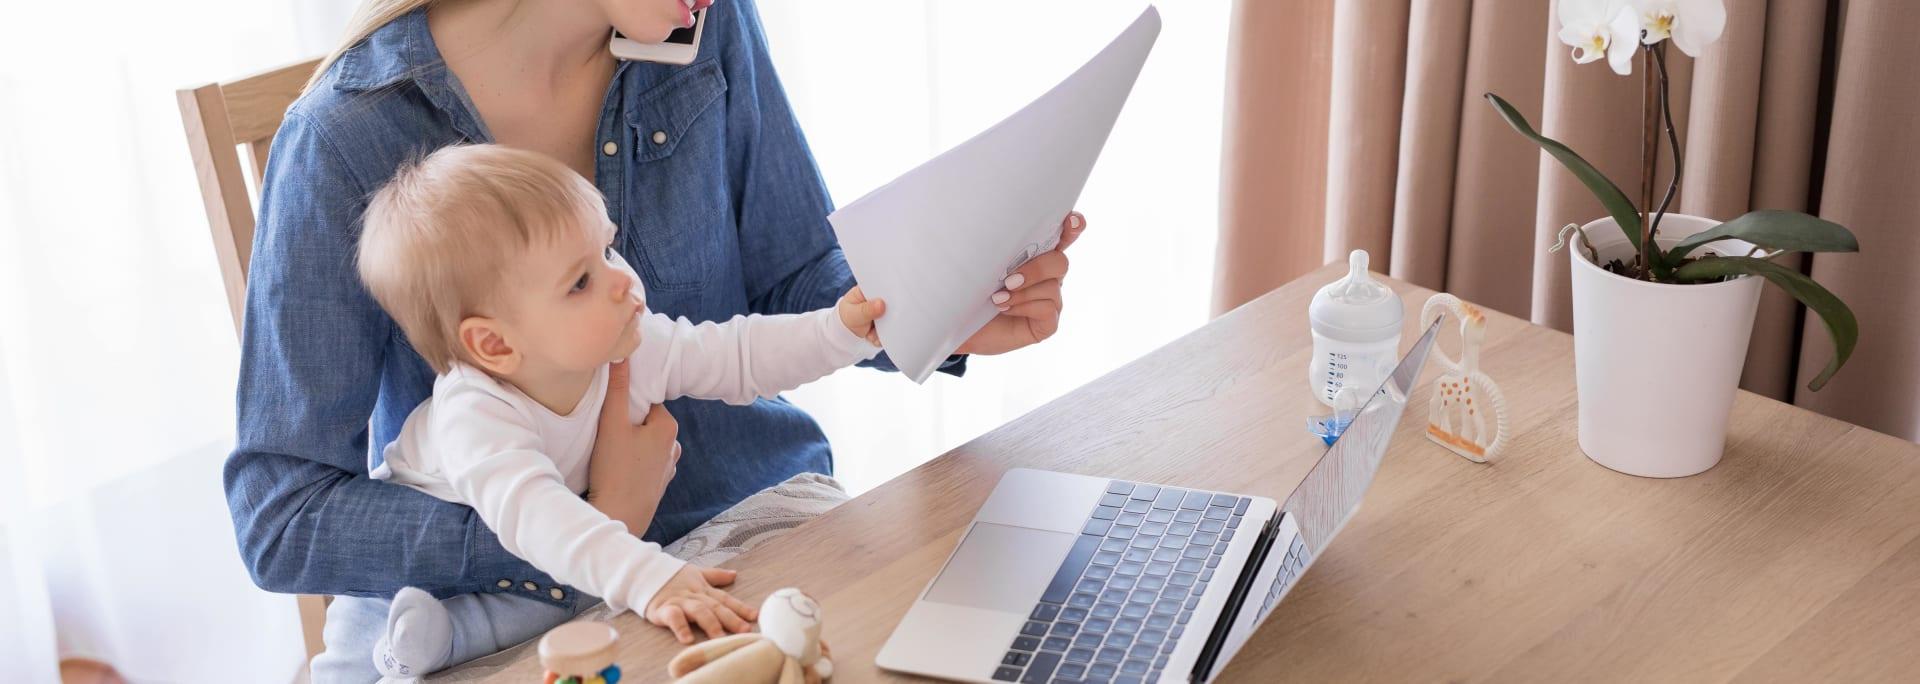 Madre, mujer y trabajadora. Analizamos el reto de las 'mamis' del Siglo XXI